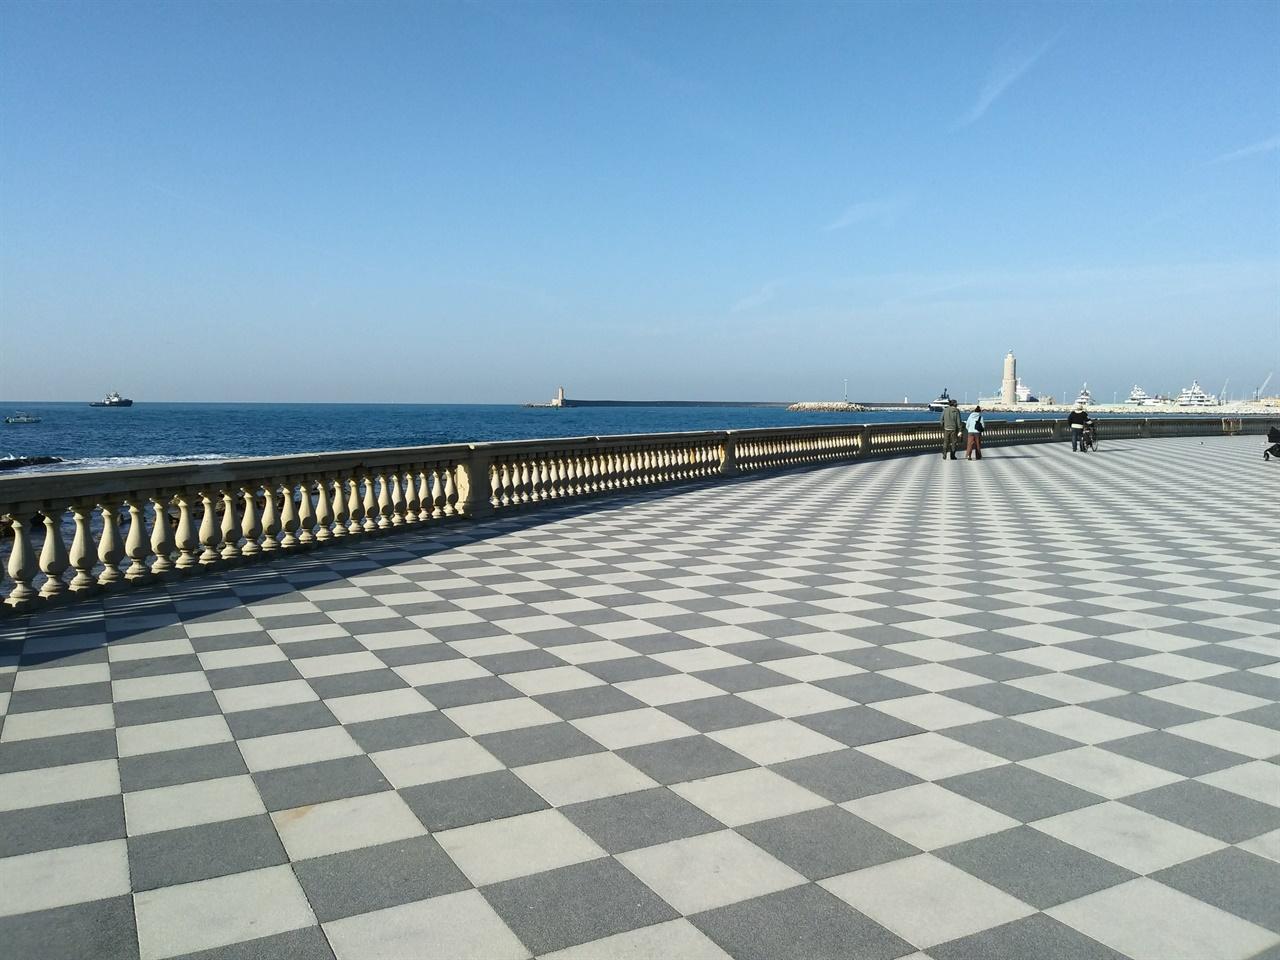 이탈리아의 발코니, 리보르노 해안 일망무제의 지중해 풍경이 펼쳐지는데, 맑은 날이면 나폴레옹의 고향 코르시카 섬까지 보인다고 한다.